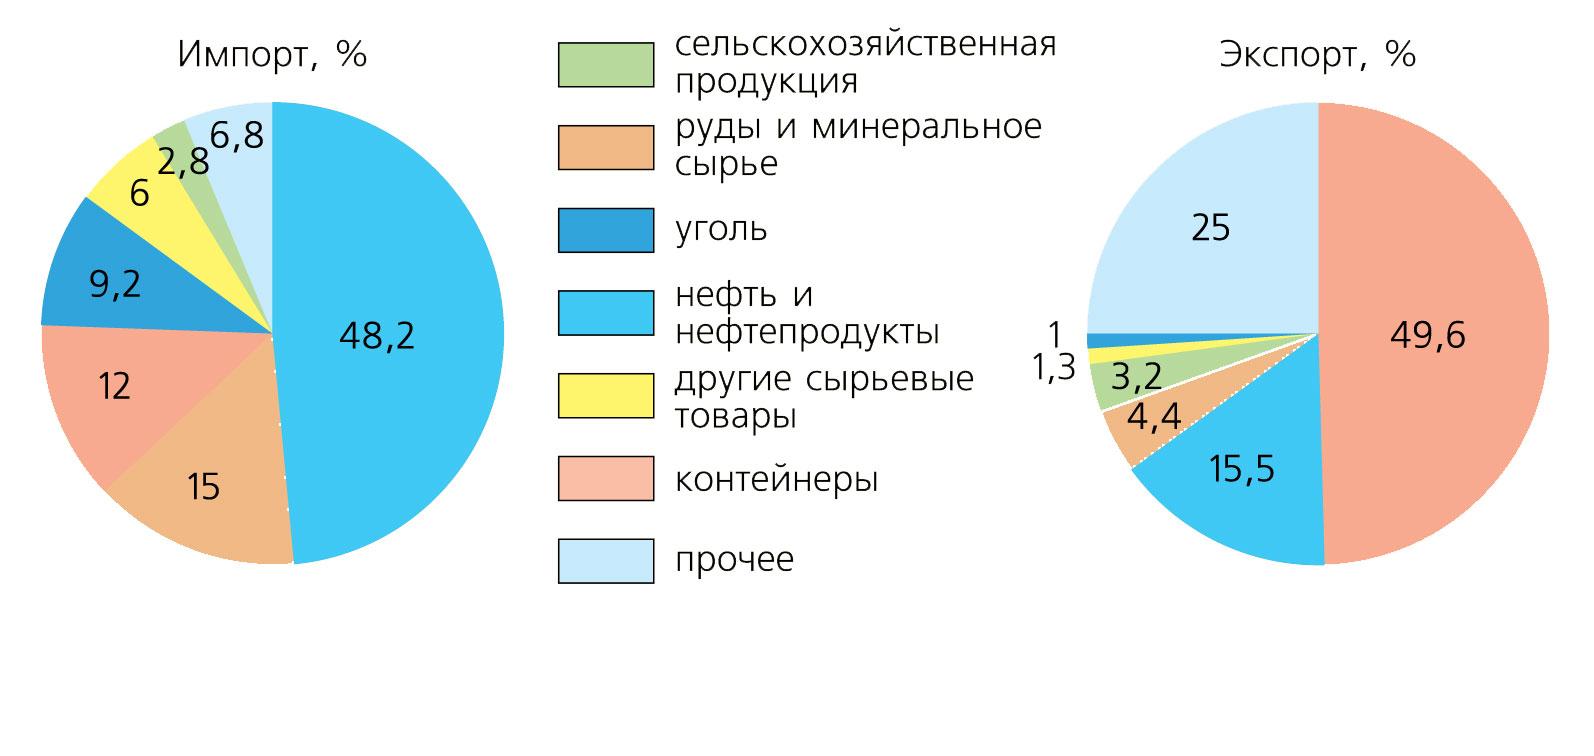 Транспортная система россии — википедия